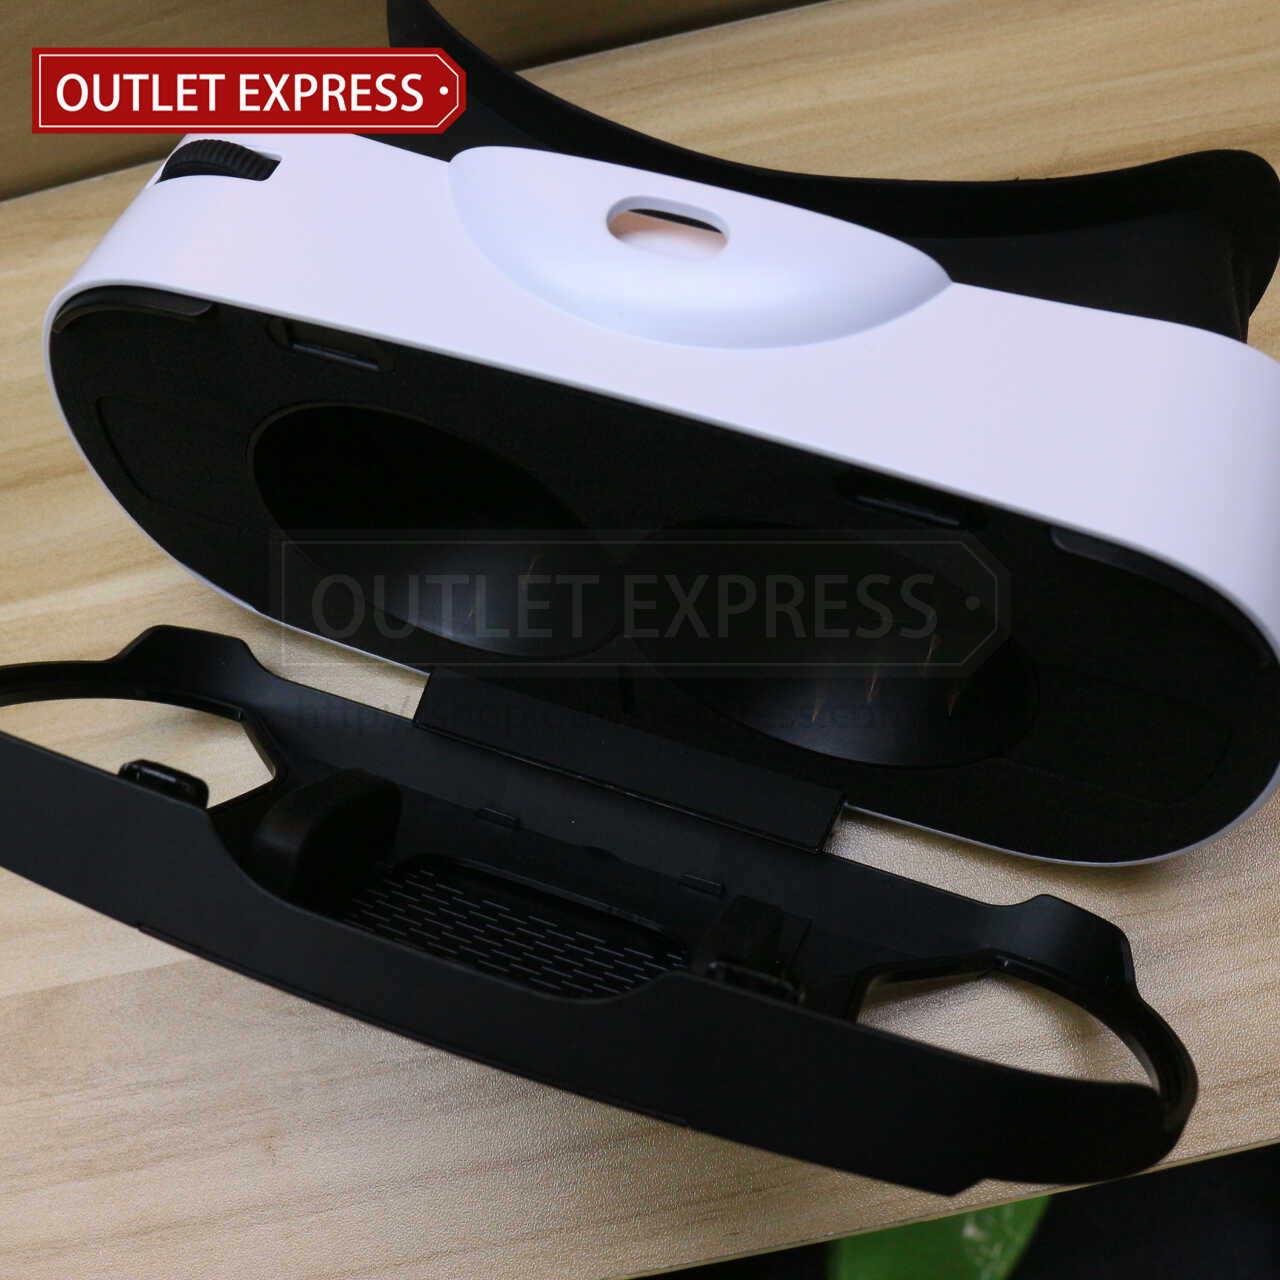 暴風魔鏡4  VR虛擬實境眼鏡 手機放置位置- Outlet Express HK生活百貨城實拍相片